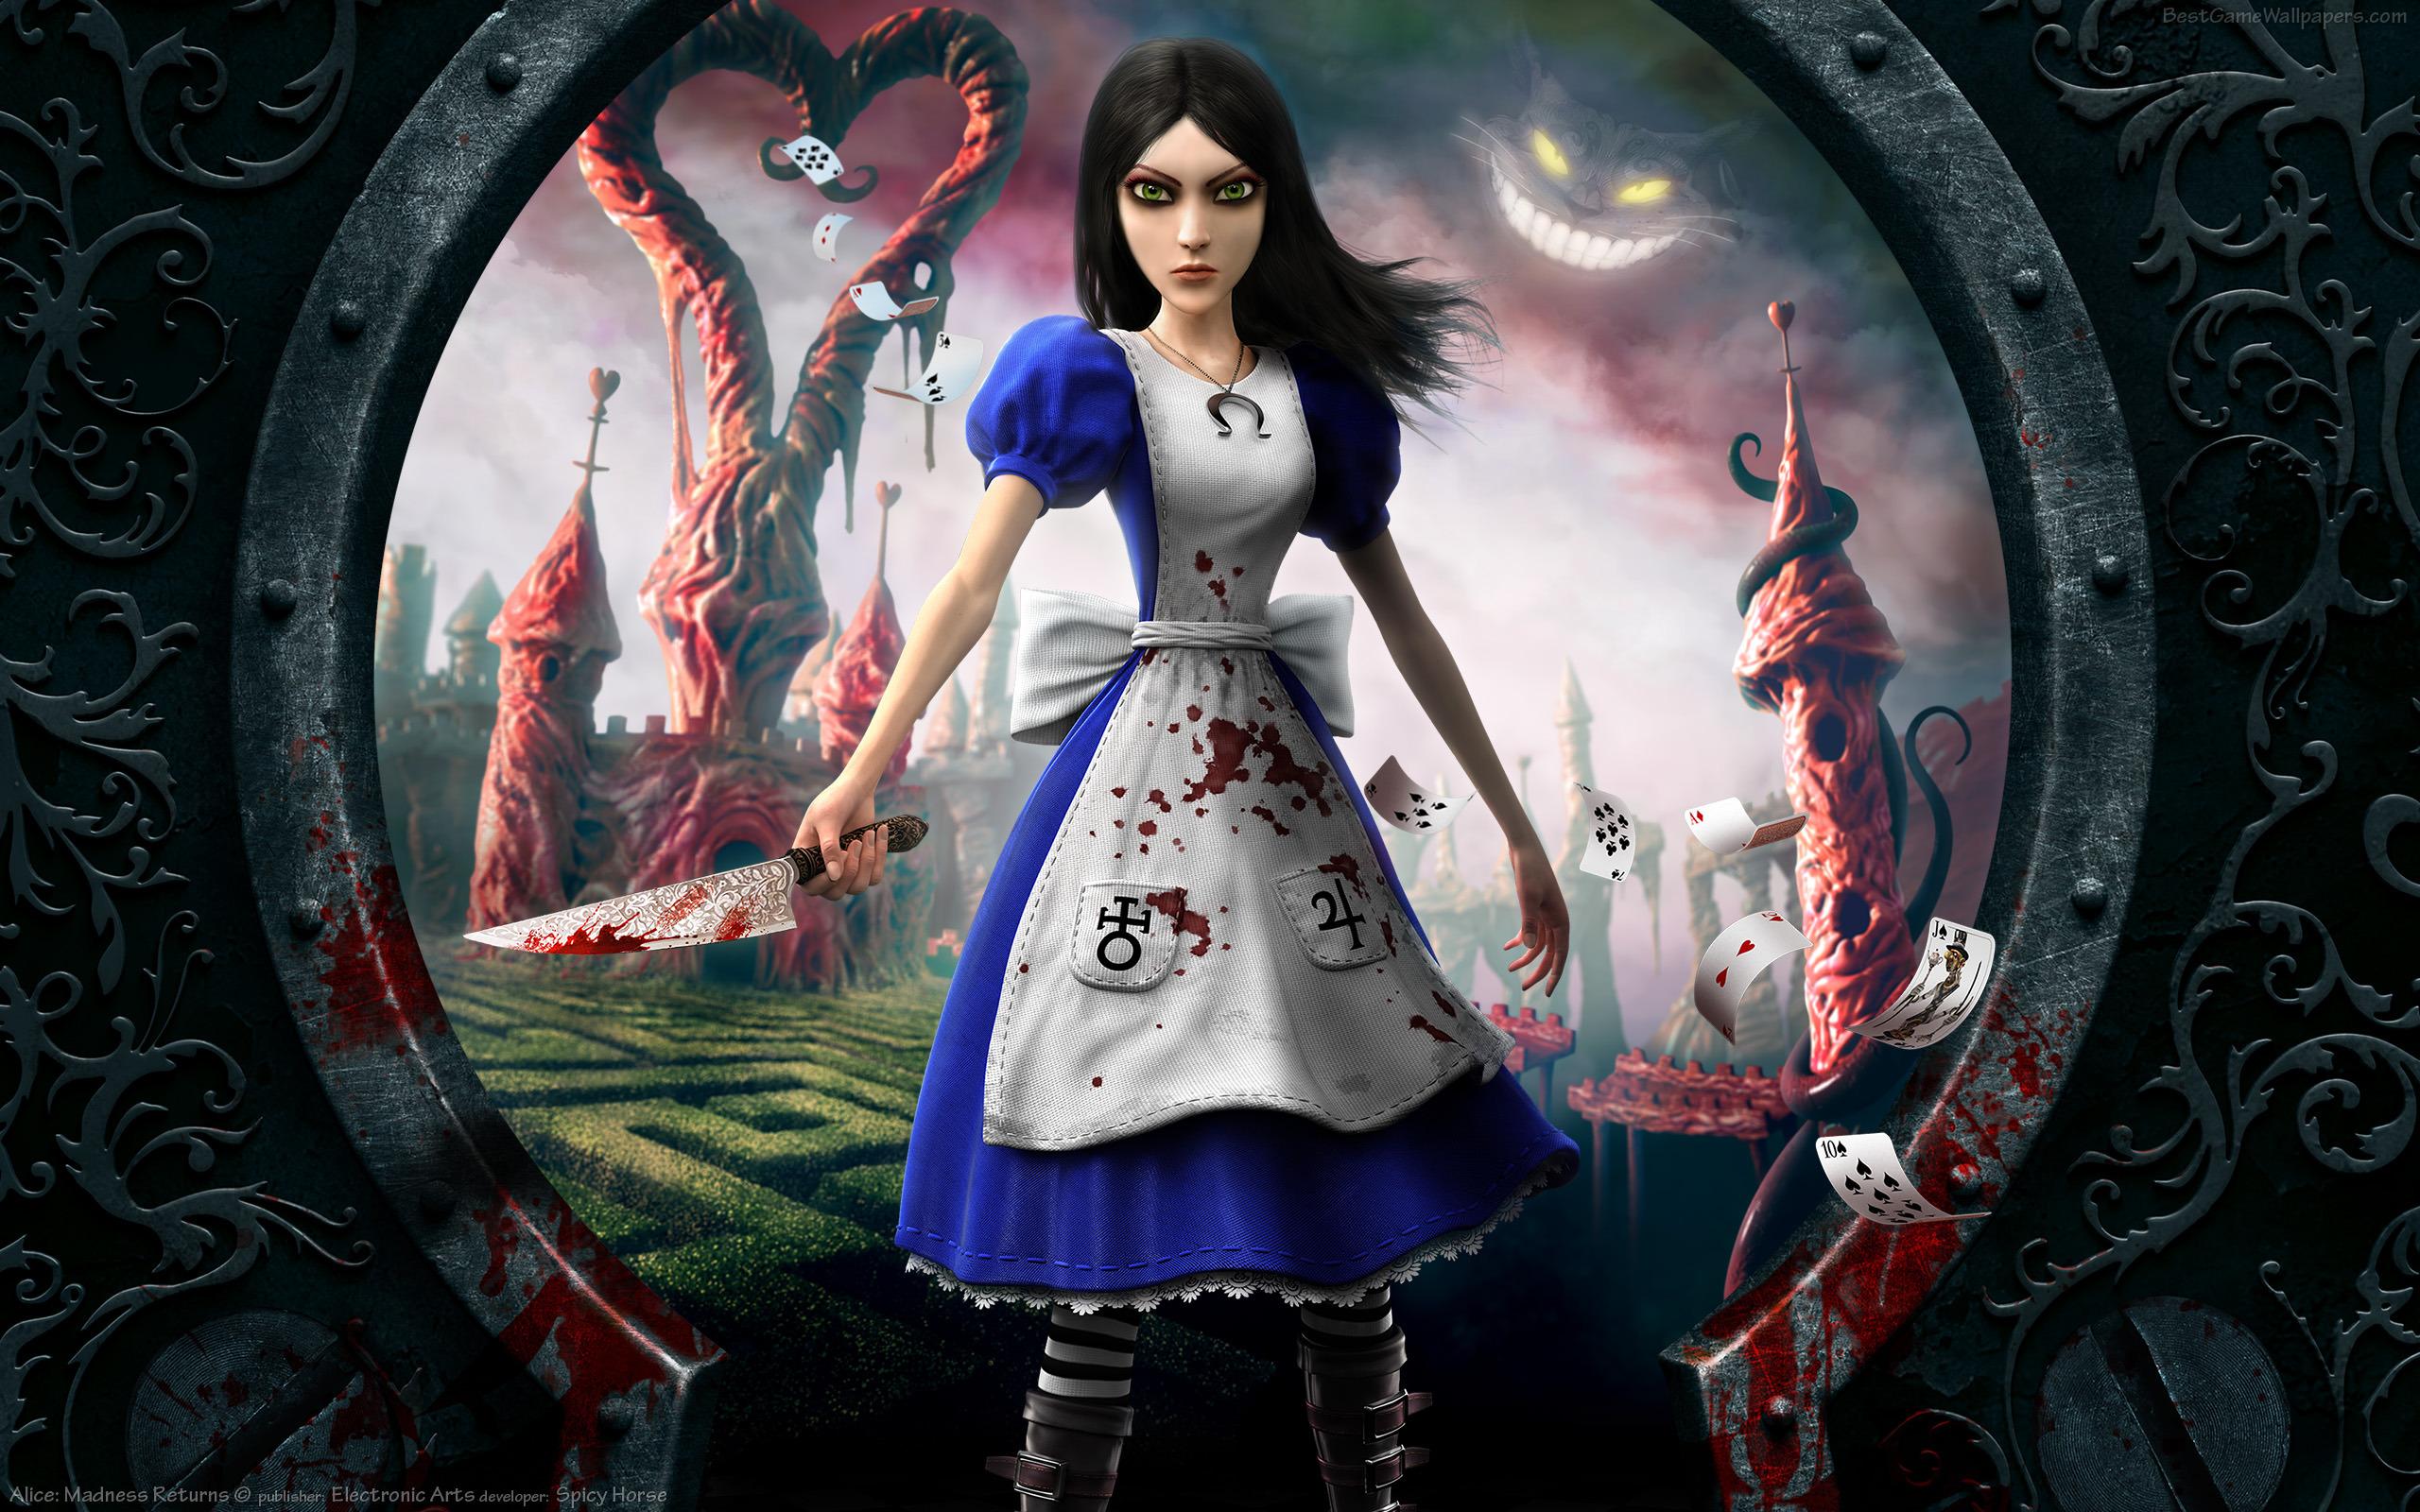 http://image.jeuxvideo.com/downloads/fonds-ecrans-wallpaper/00011207/alice-retour-au-pays-de-la-folie-28755-wp.jpg